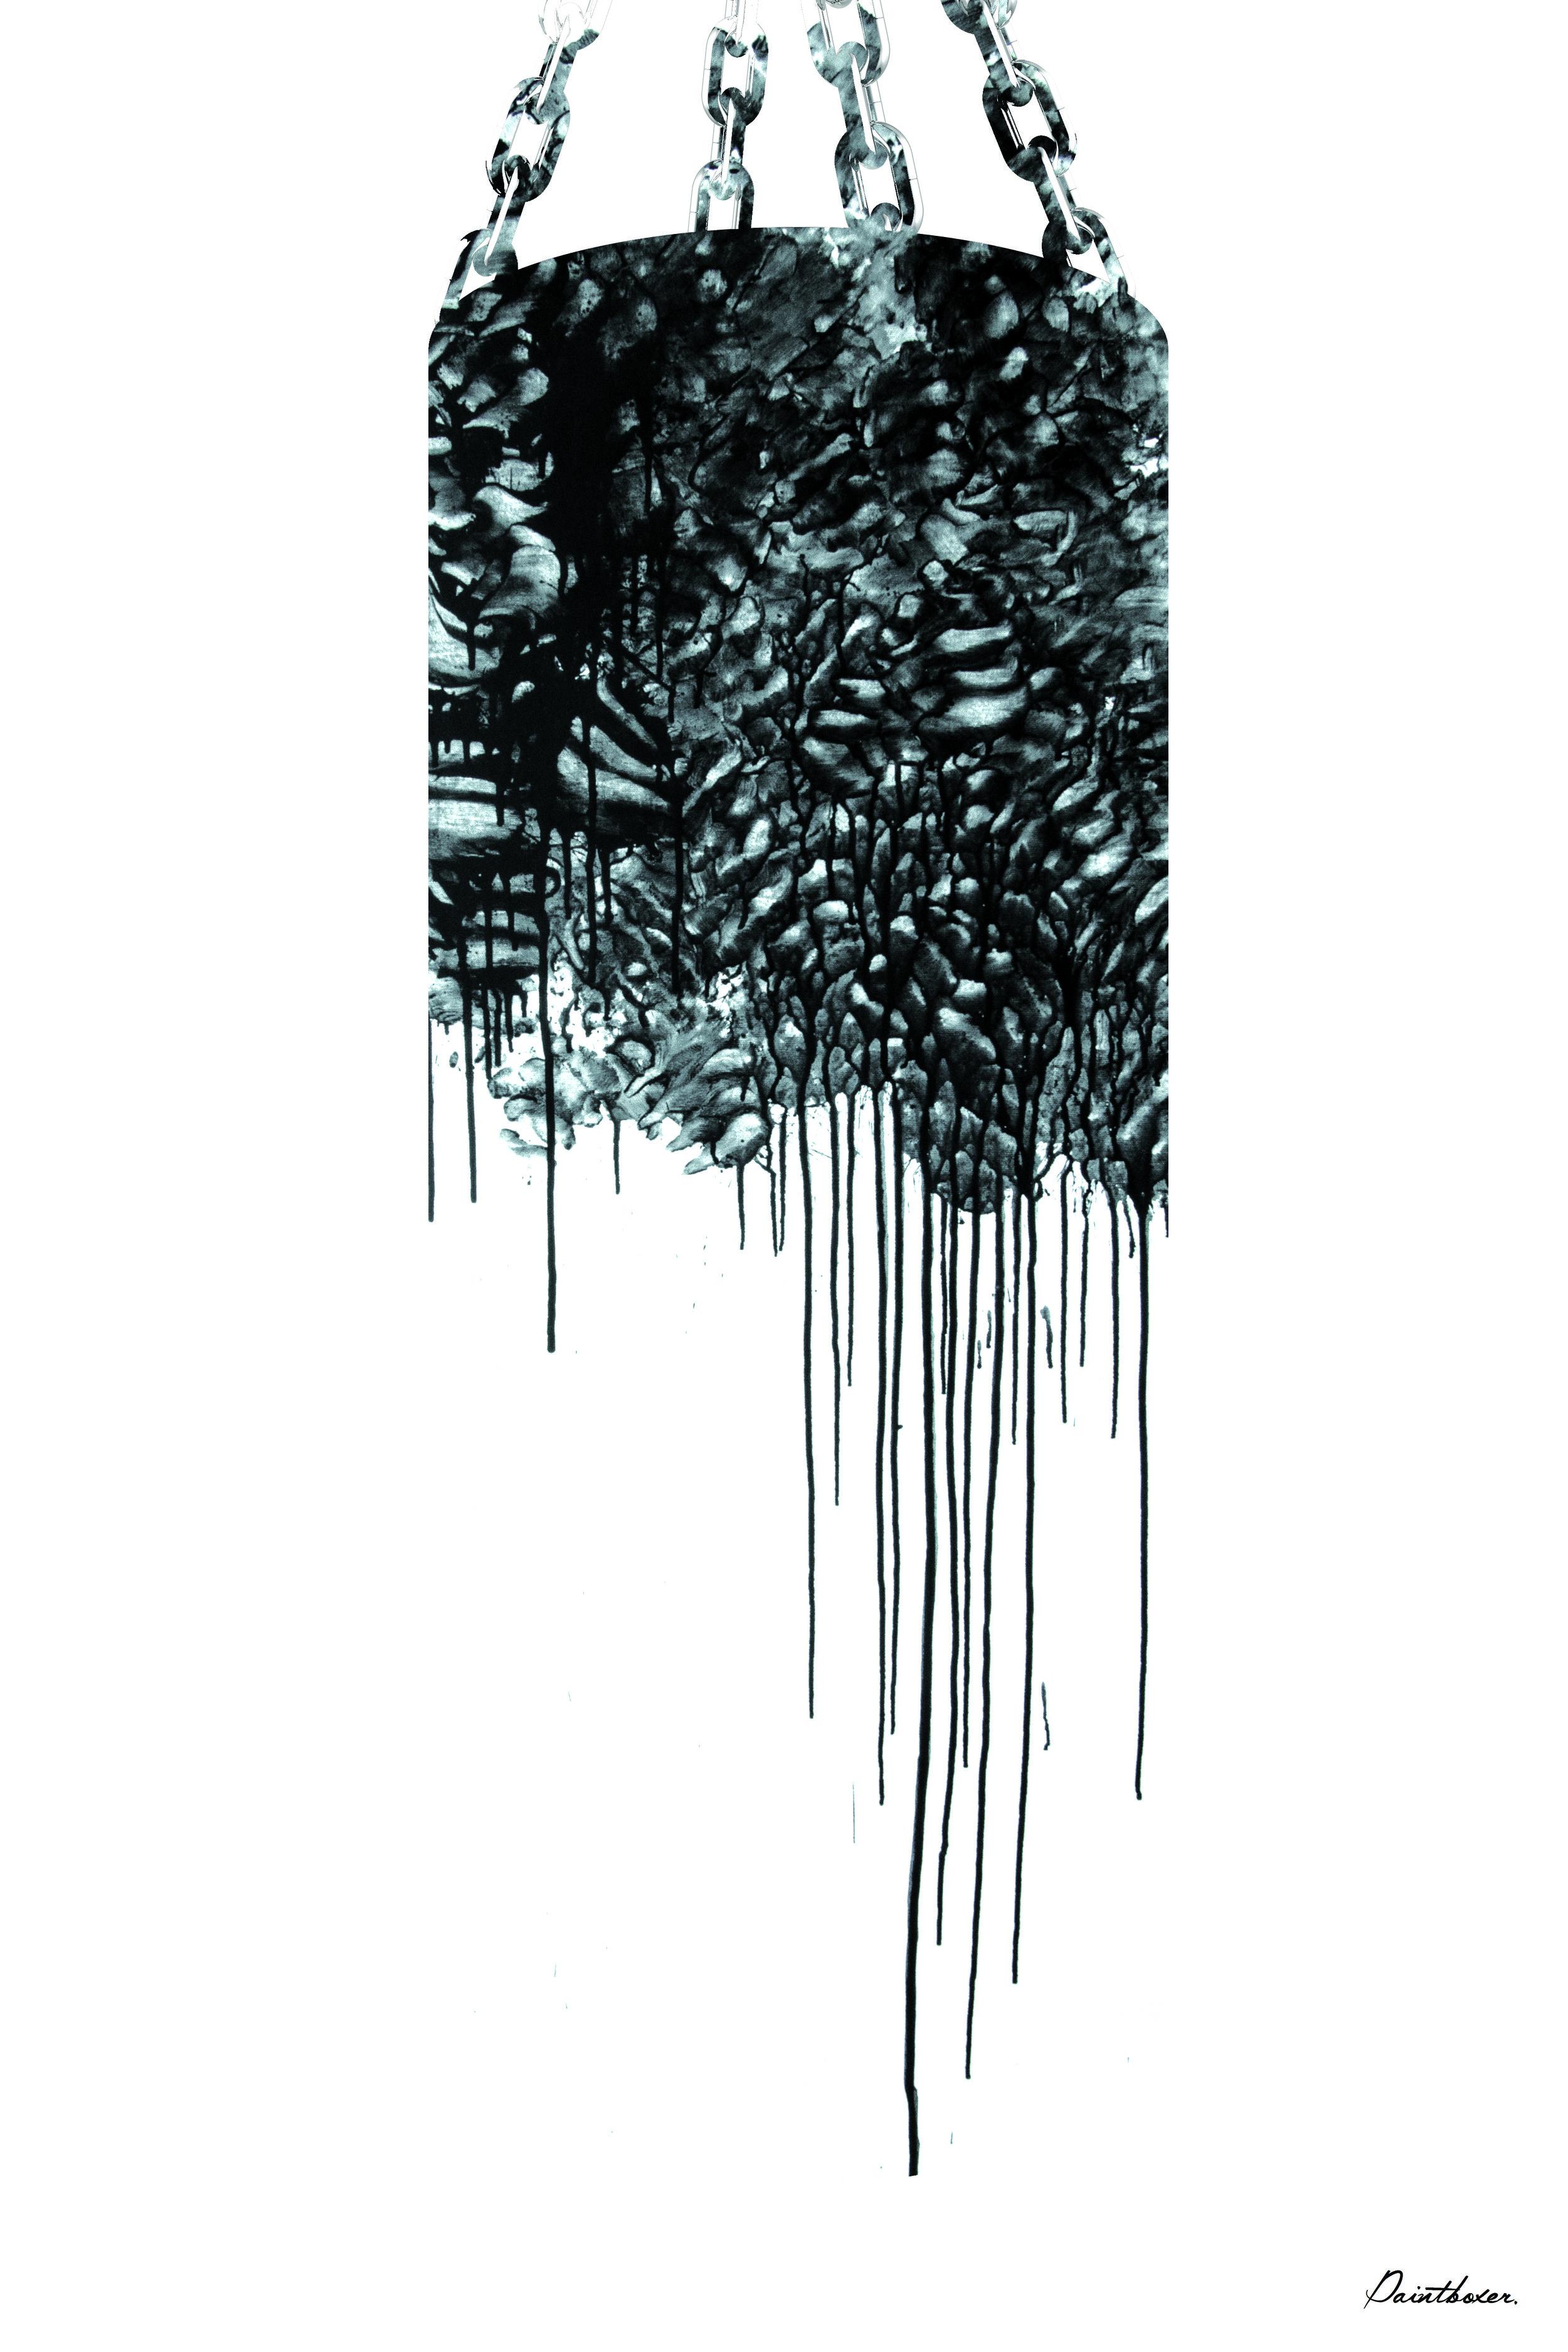 paintboxer bart van polanen petel.jpg